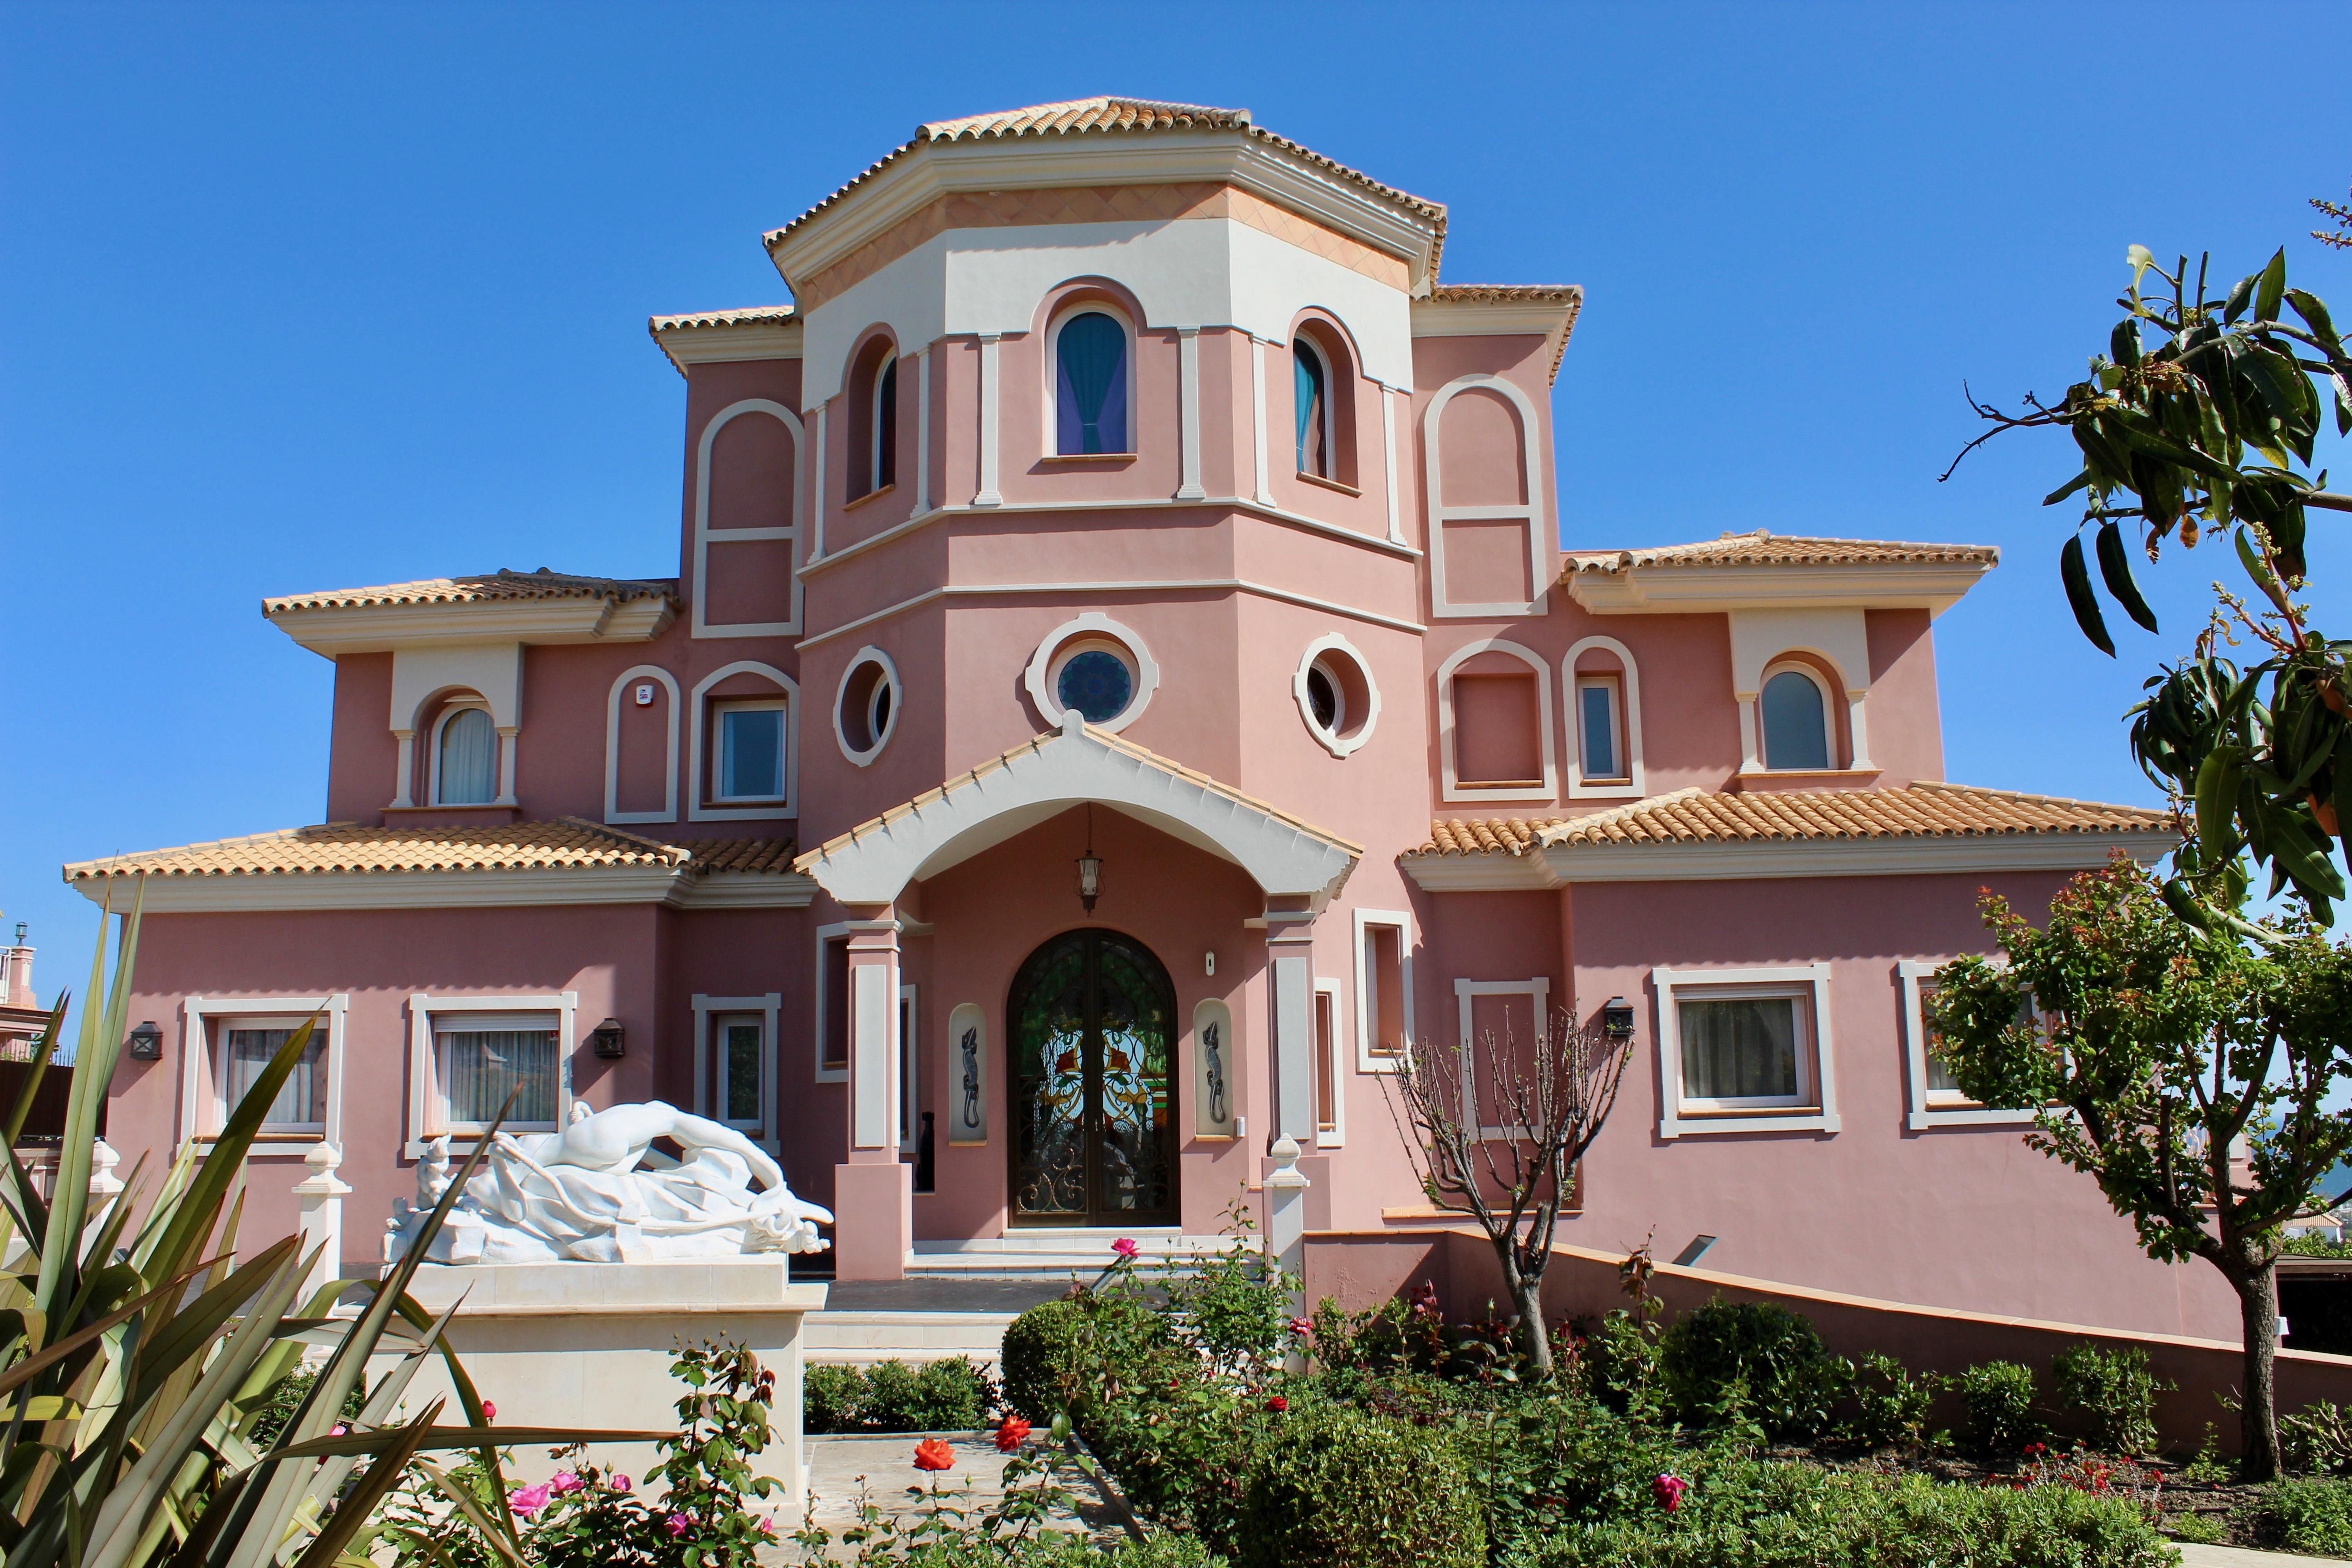 Ref:359-00029P Villa For Sale in Benahavis